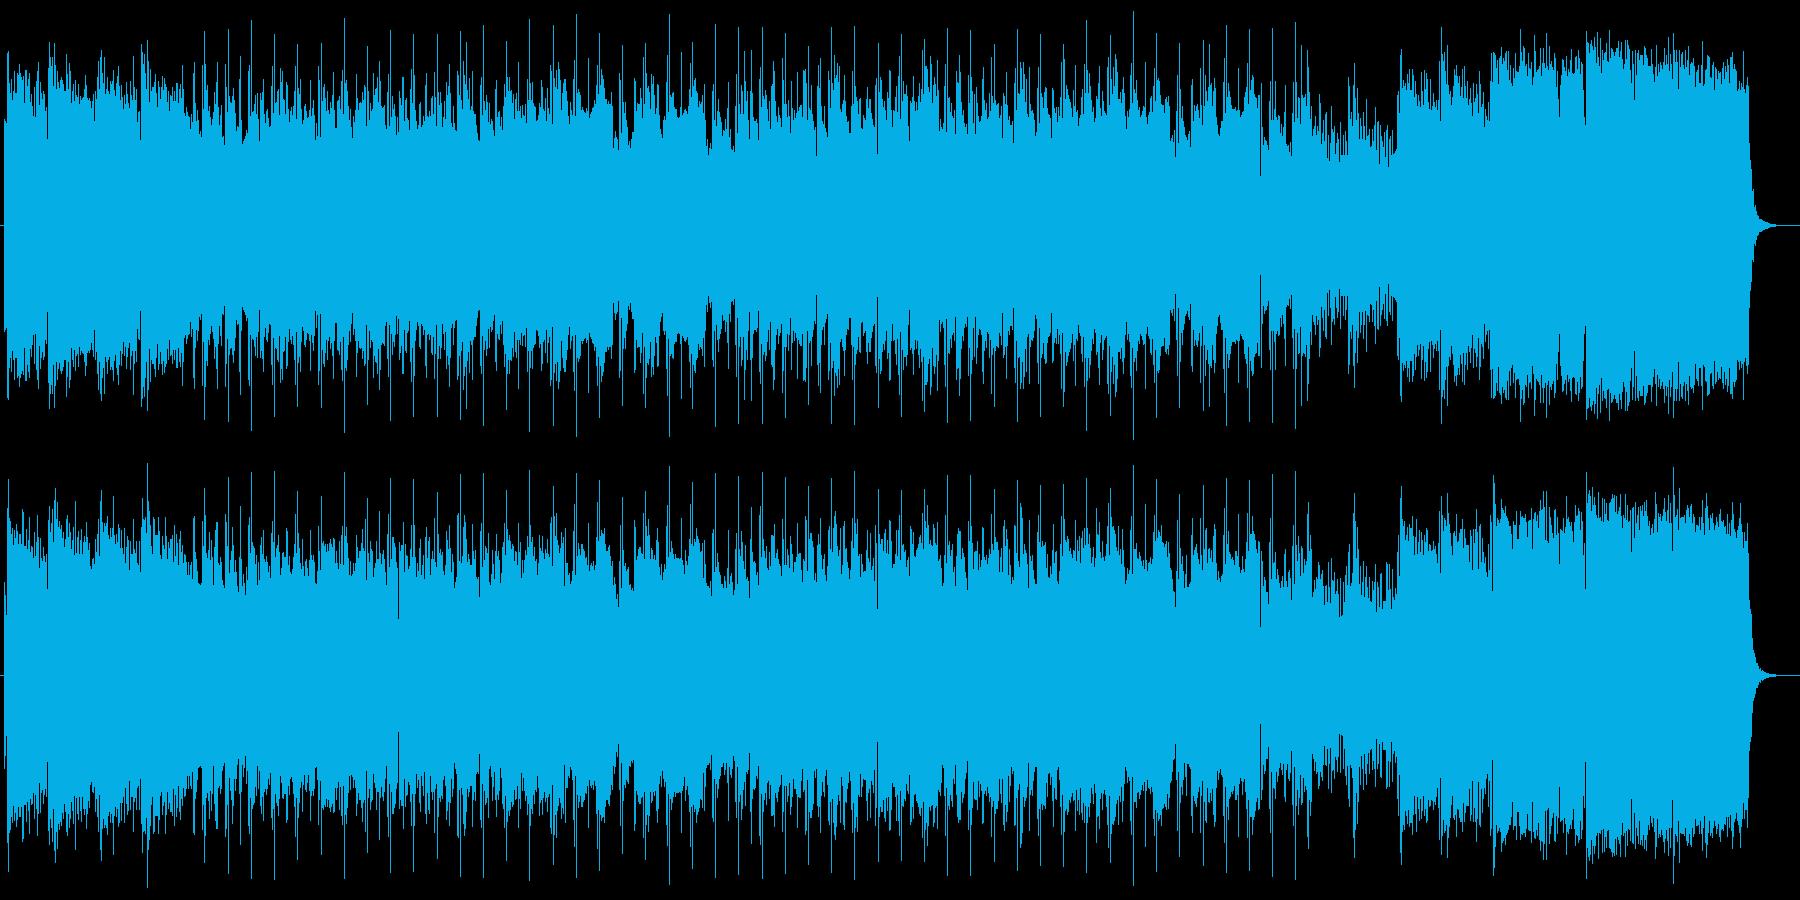 バイオリンとドラムによるバラードの再生済みの波形